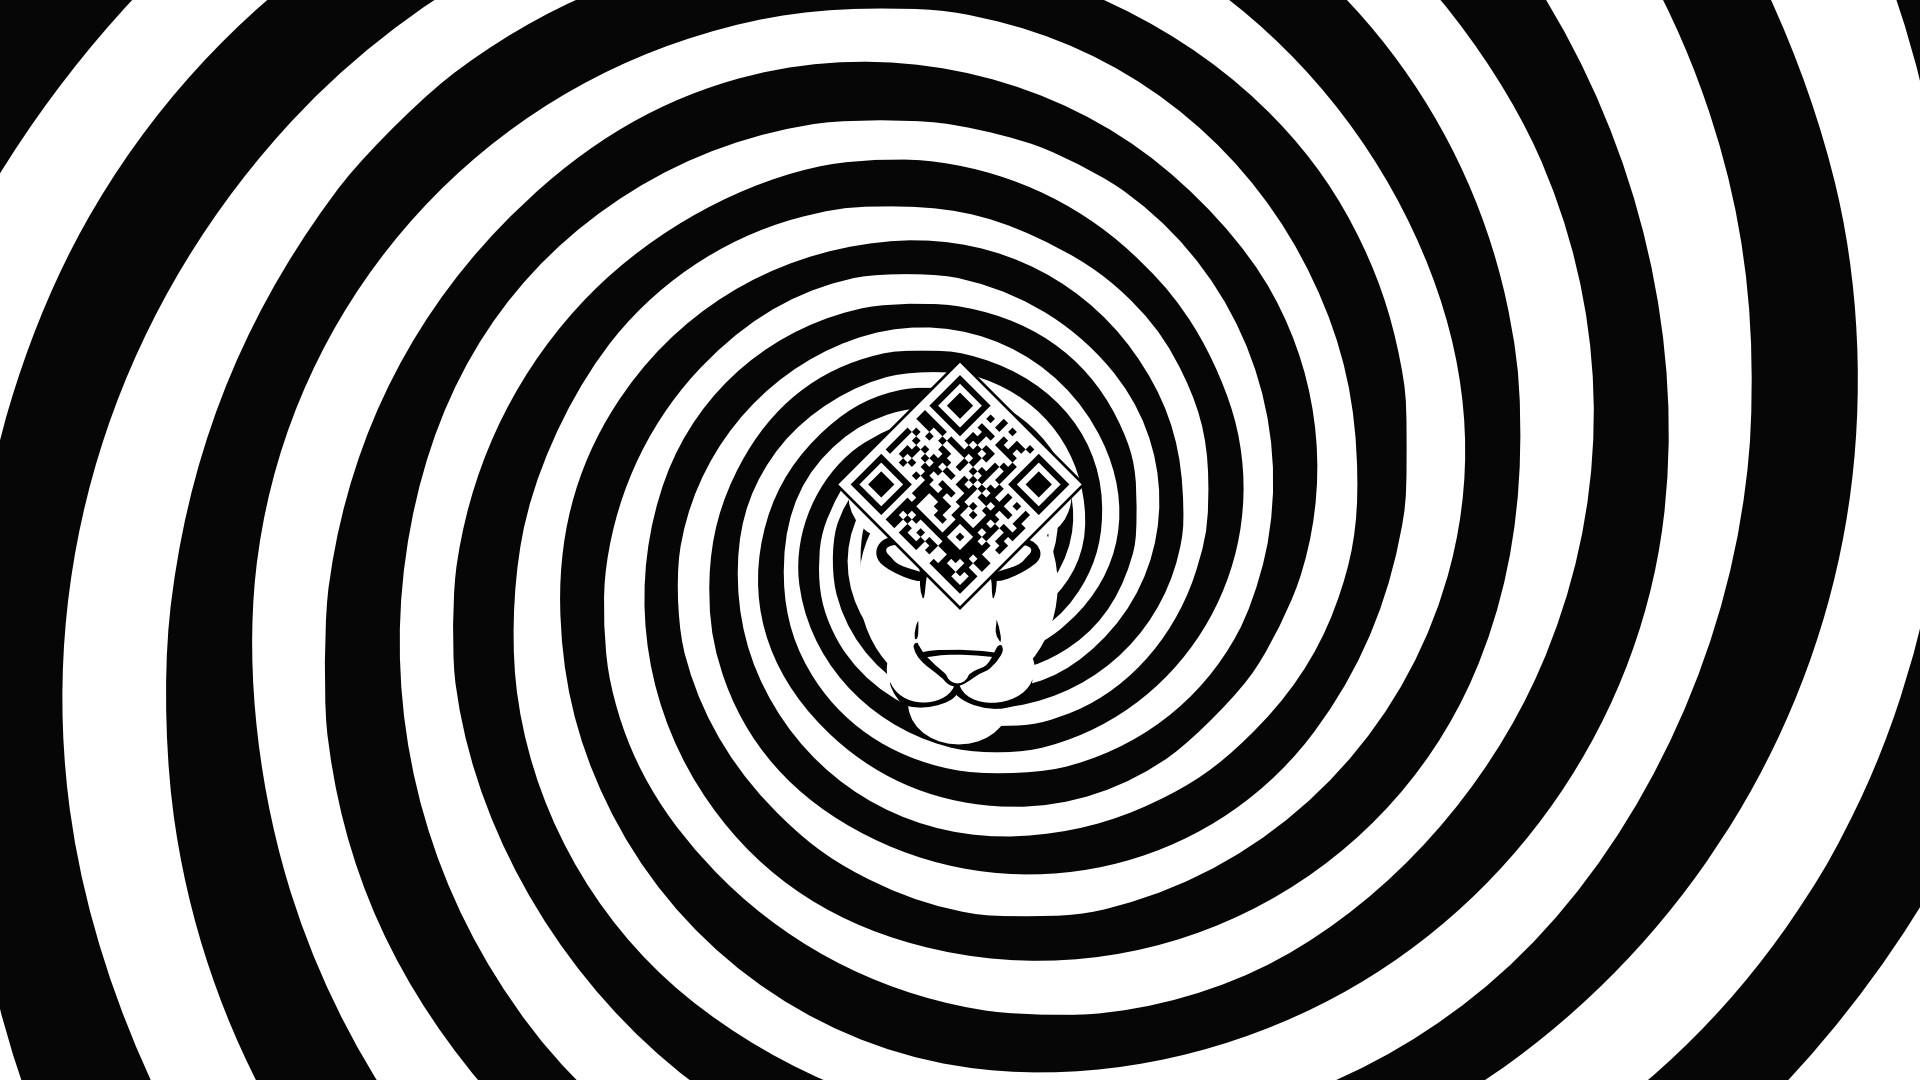 Hypnosis Spirals | The Hypnotic Beast